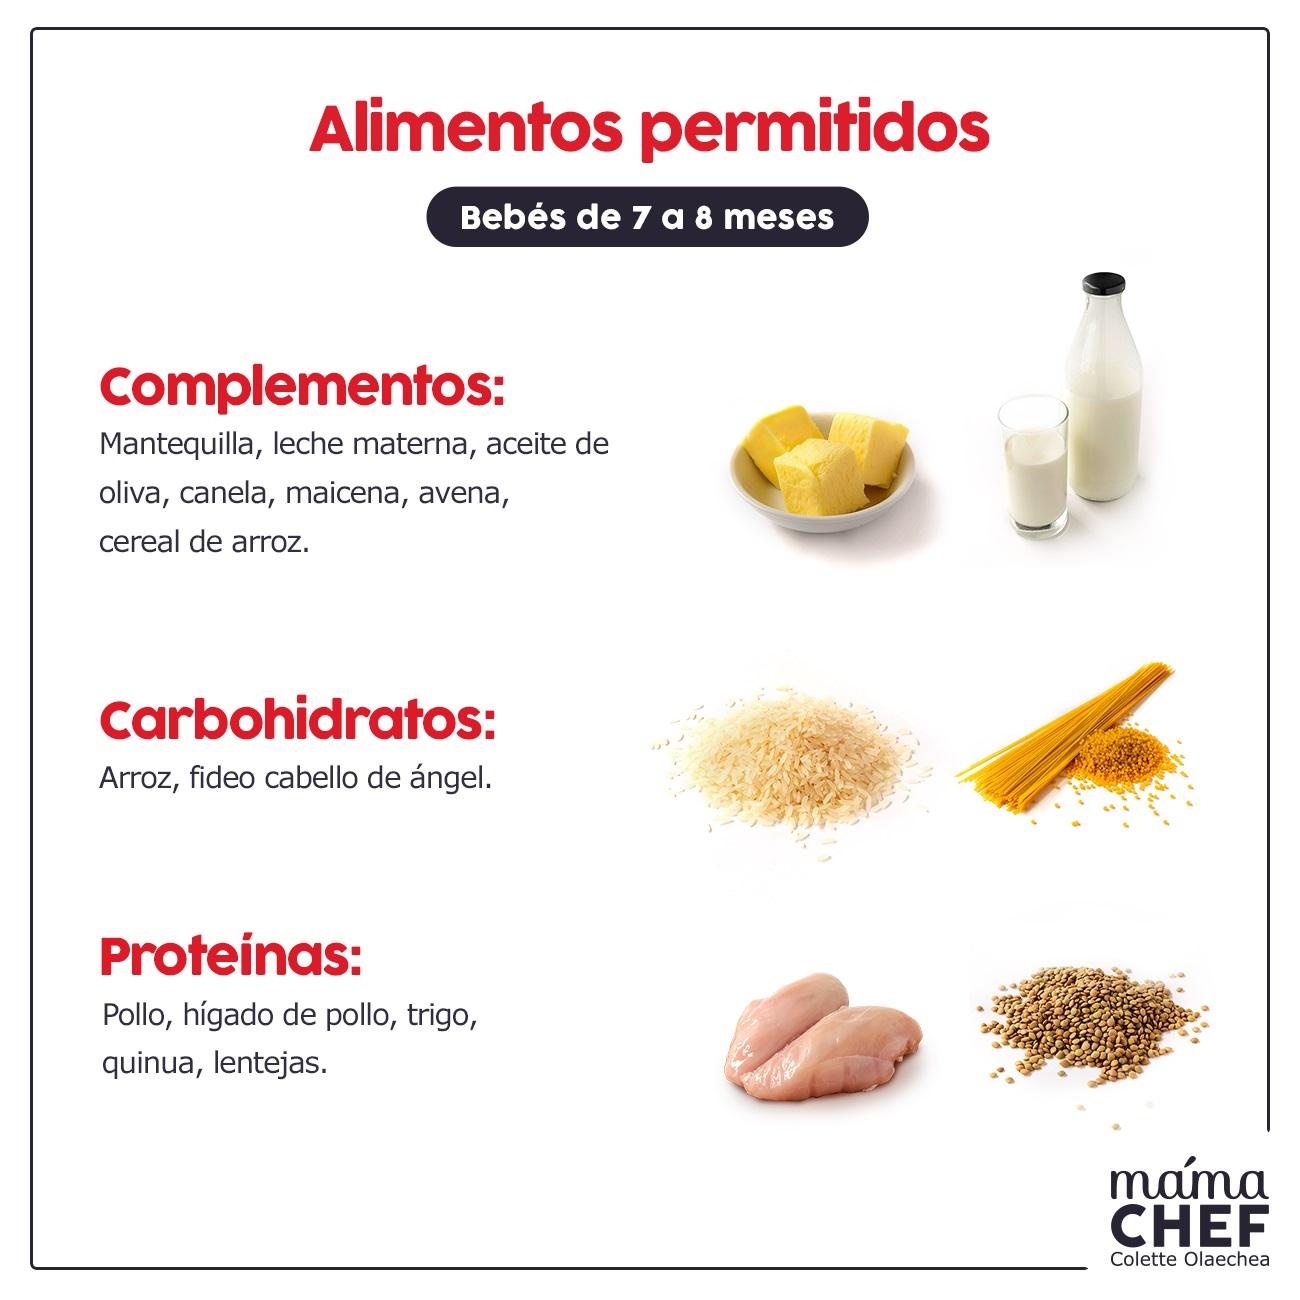 Alimentos permitidos  complementos Papillas papilla  bebes 7 meses Mama Chef Colette Olaechea